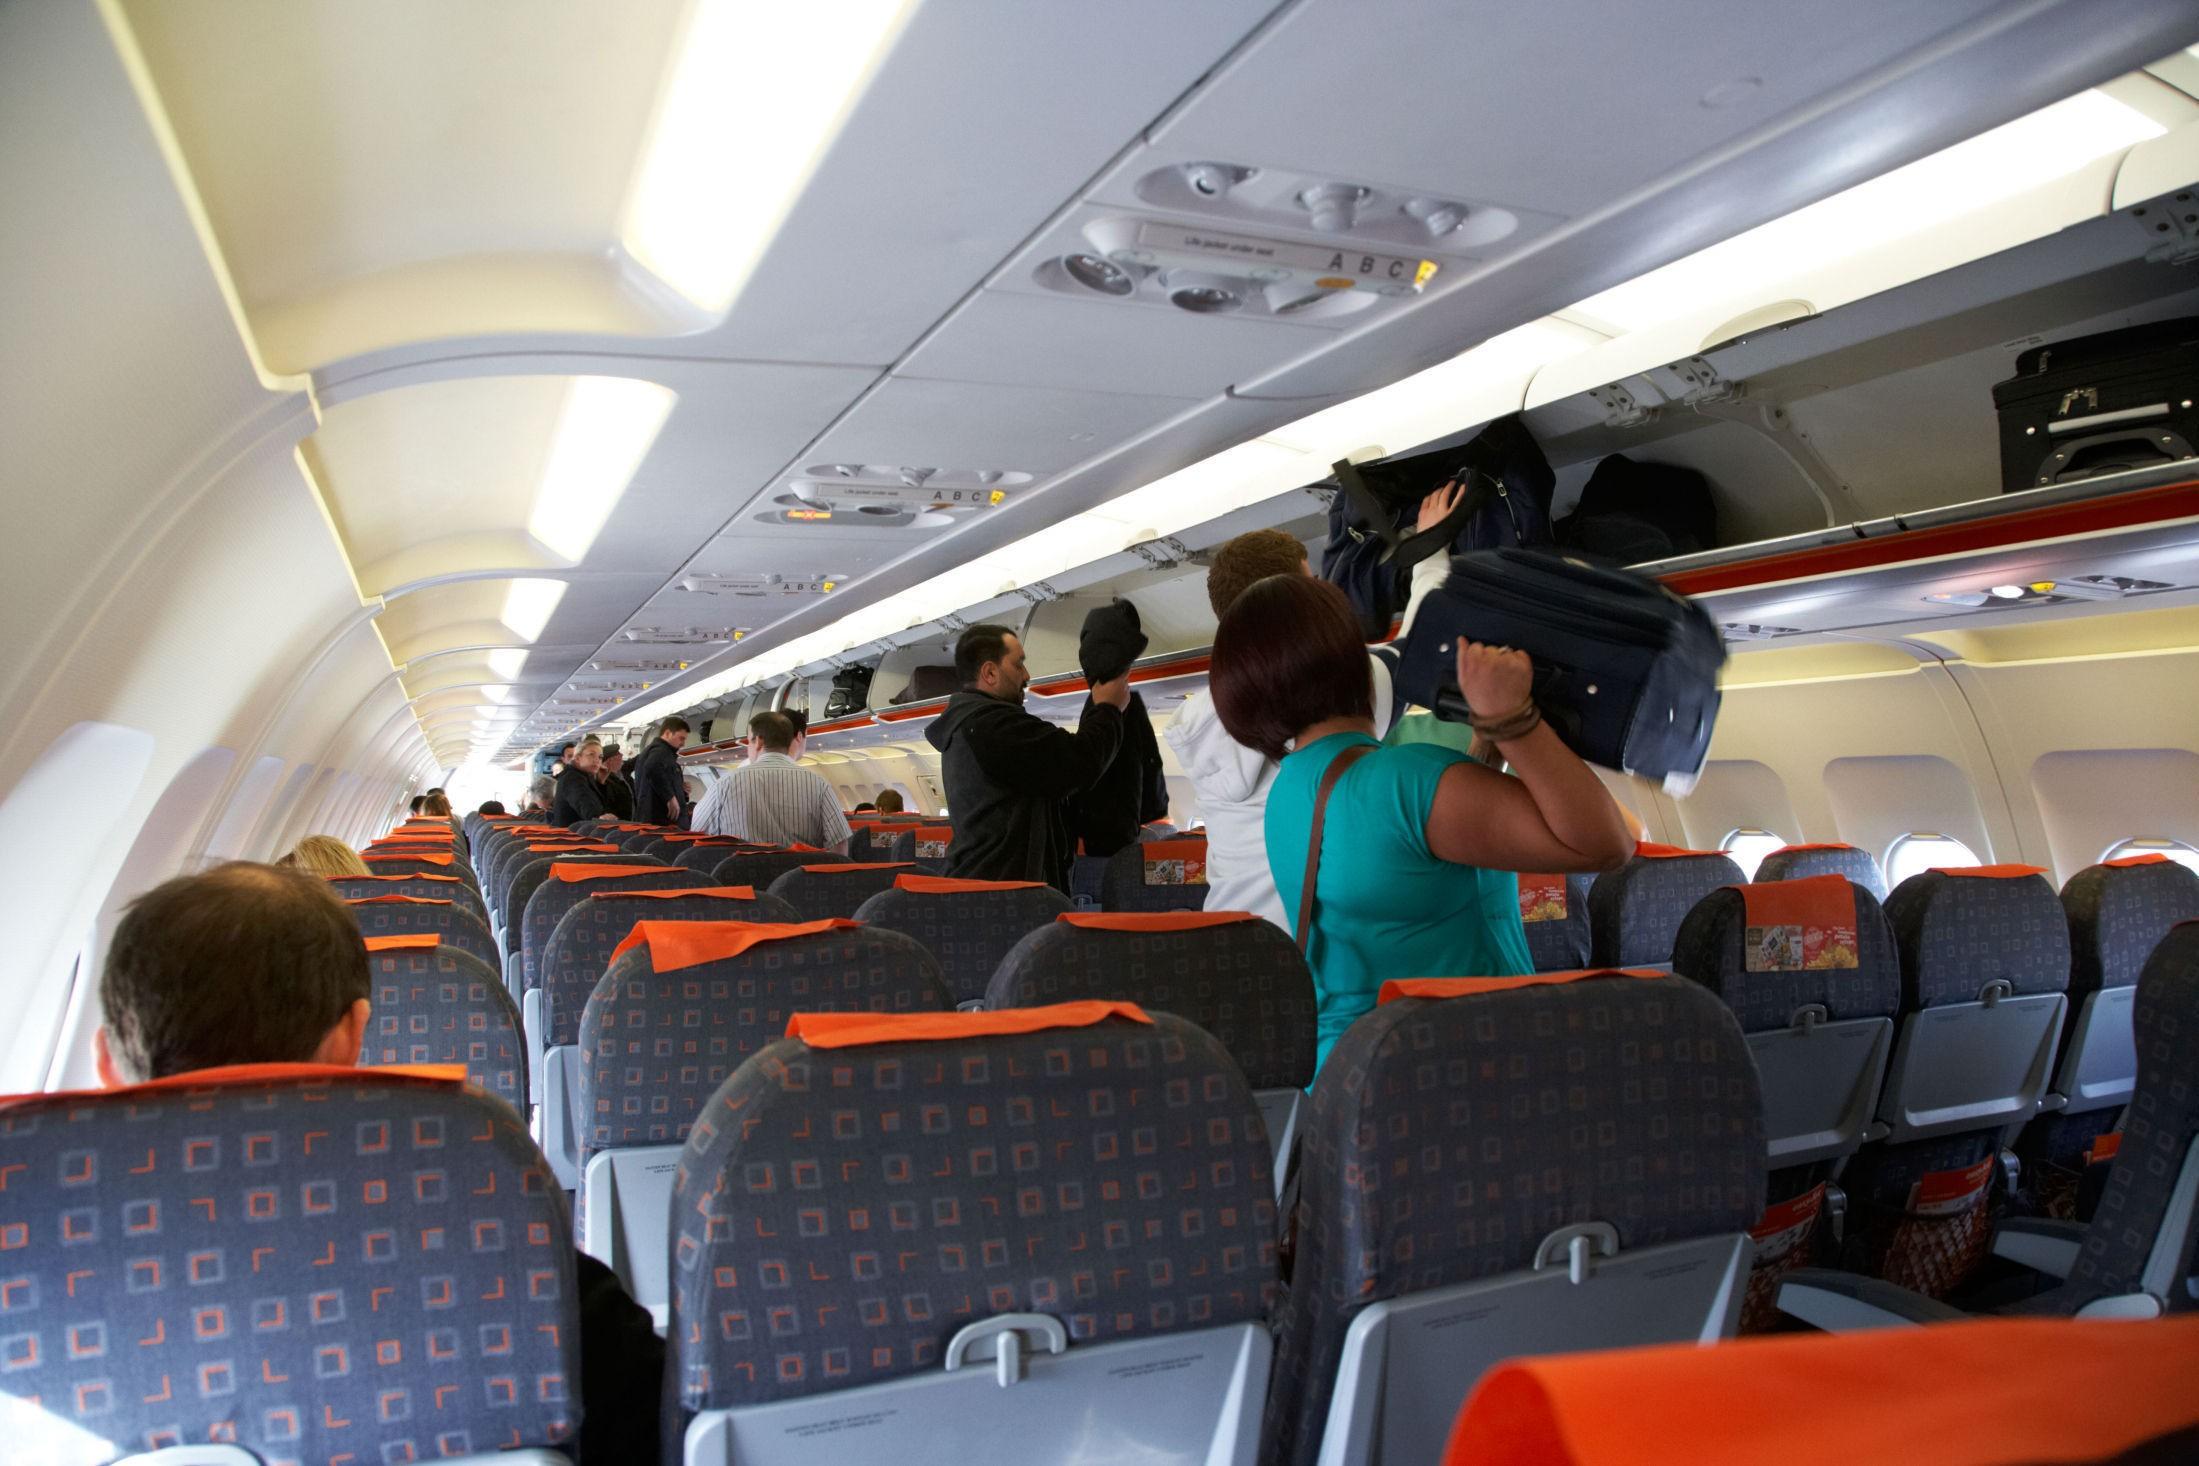 DÅRLIG METODE: Undersøkelser viser at metoden man benytter seg av for å gå om bord i et fly i dag er den minst effektive.